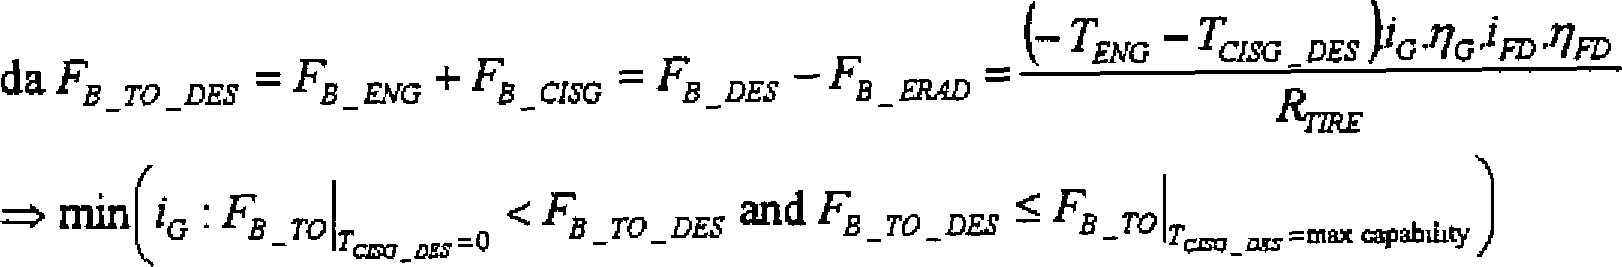 Figure DE102008023732B4_0009